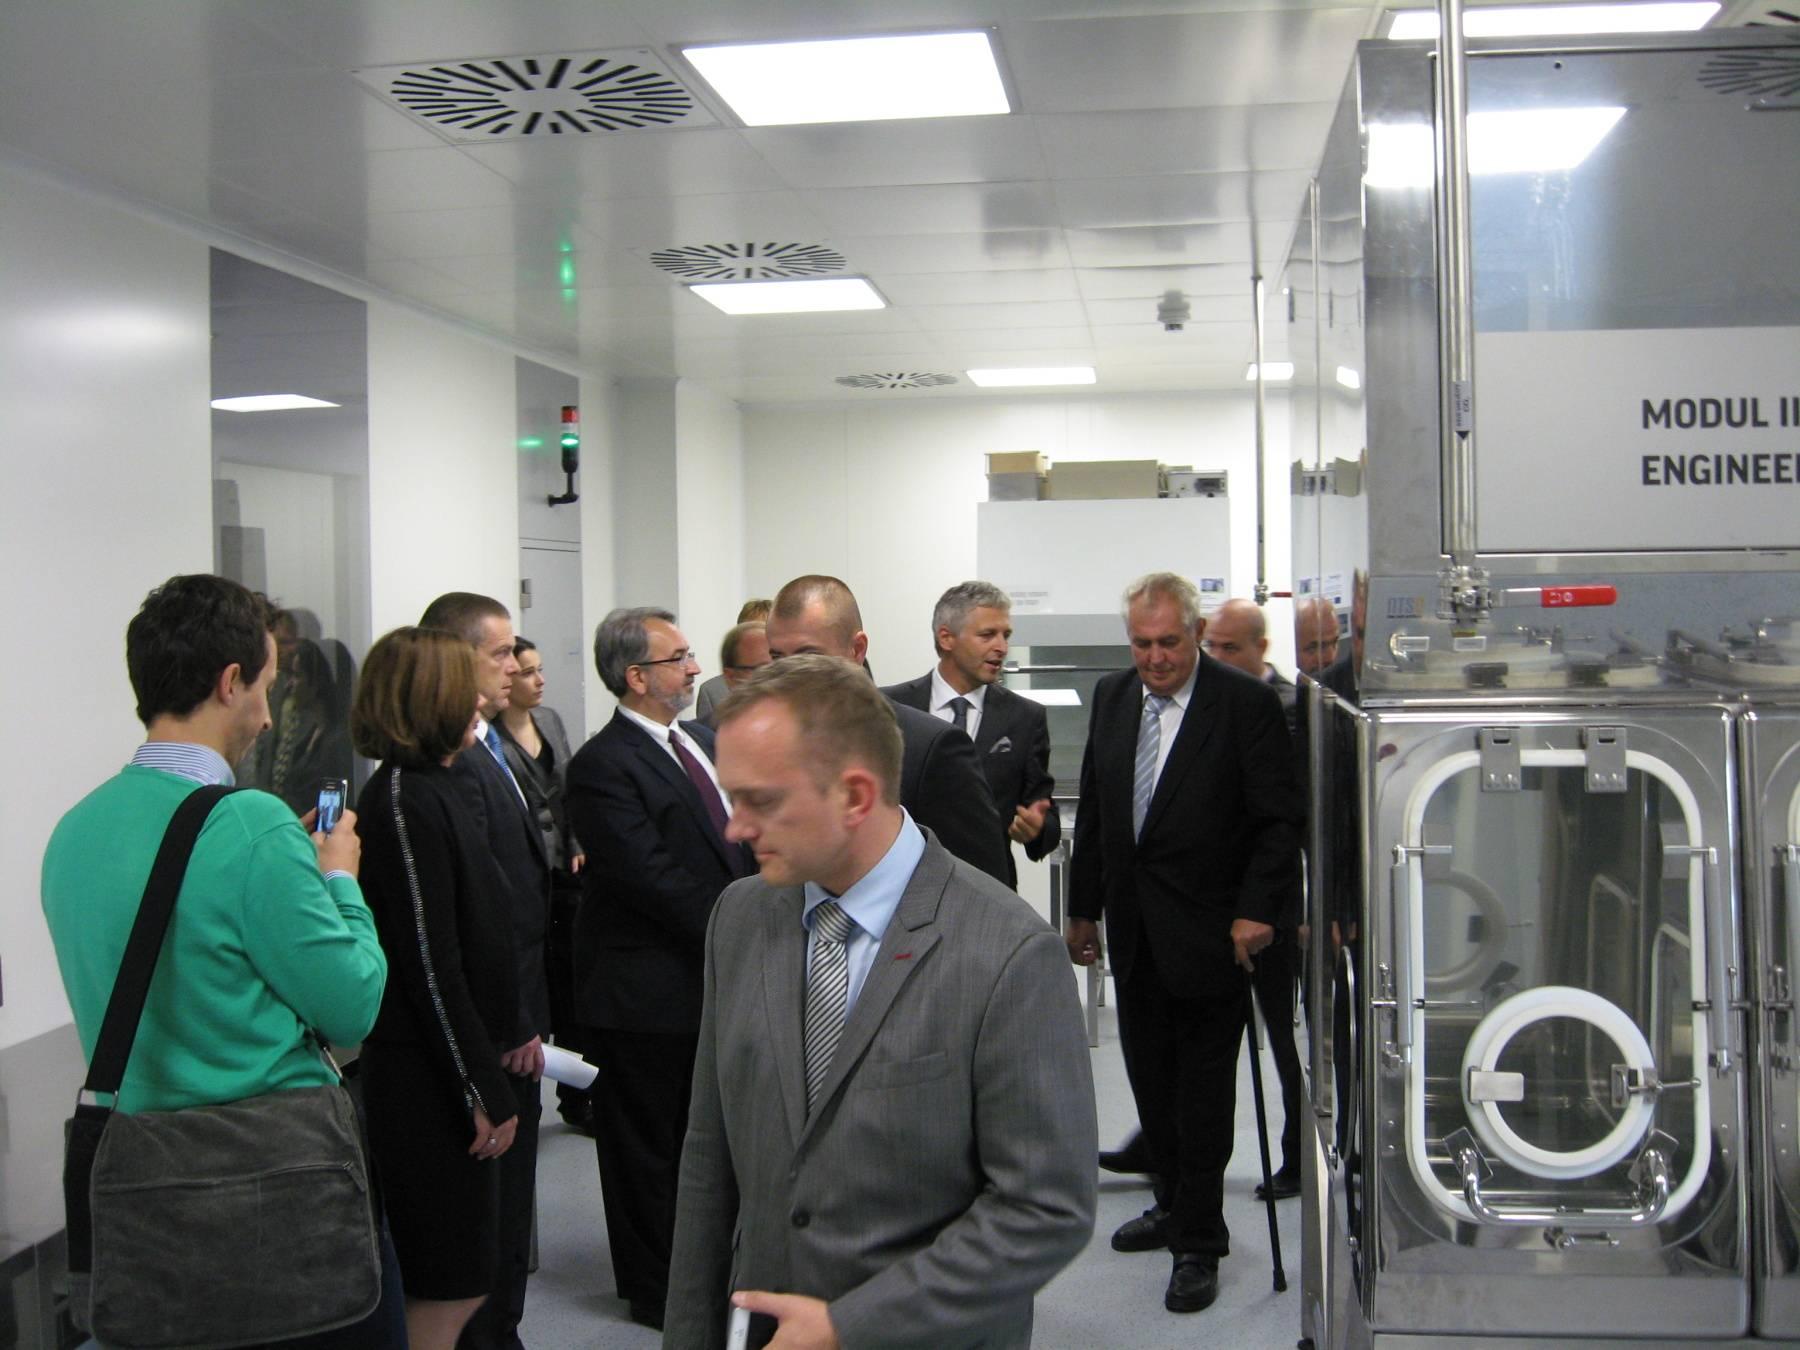 Vědeckovýzkumné biomedicínské a aplikační centrum 4MEDI se otvírá